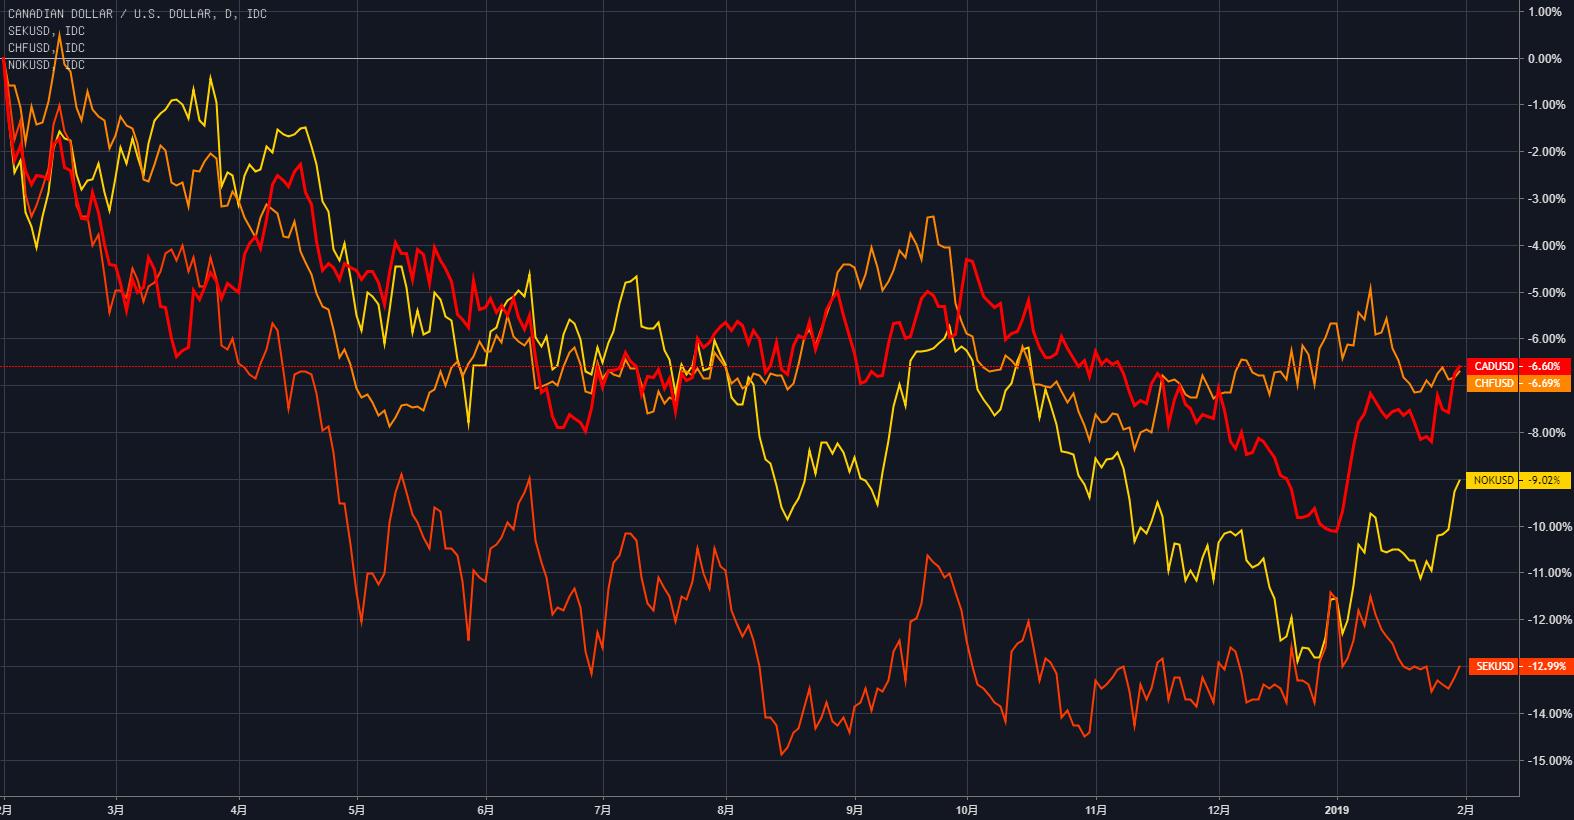 (过去一年里,加元、瑞郎、挪威克朗和瑞典克朗对美元的跌幅达到6%-12%)